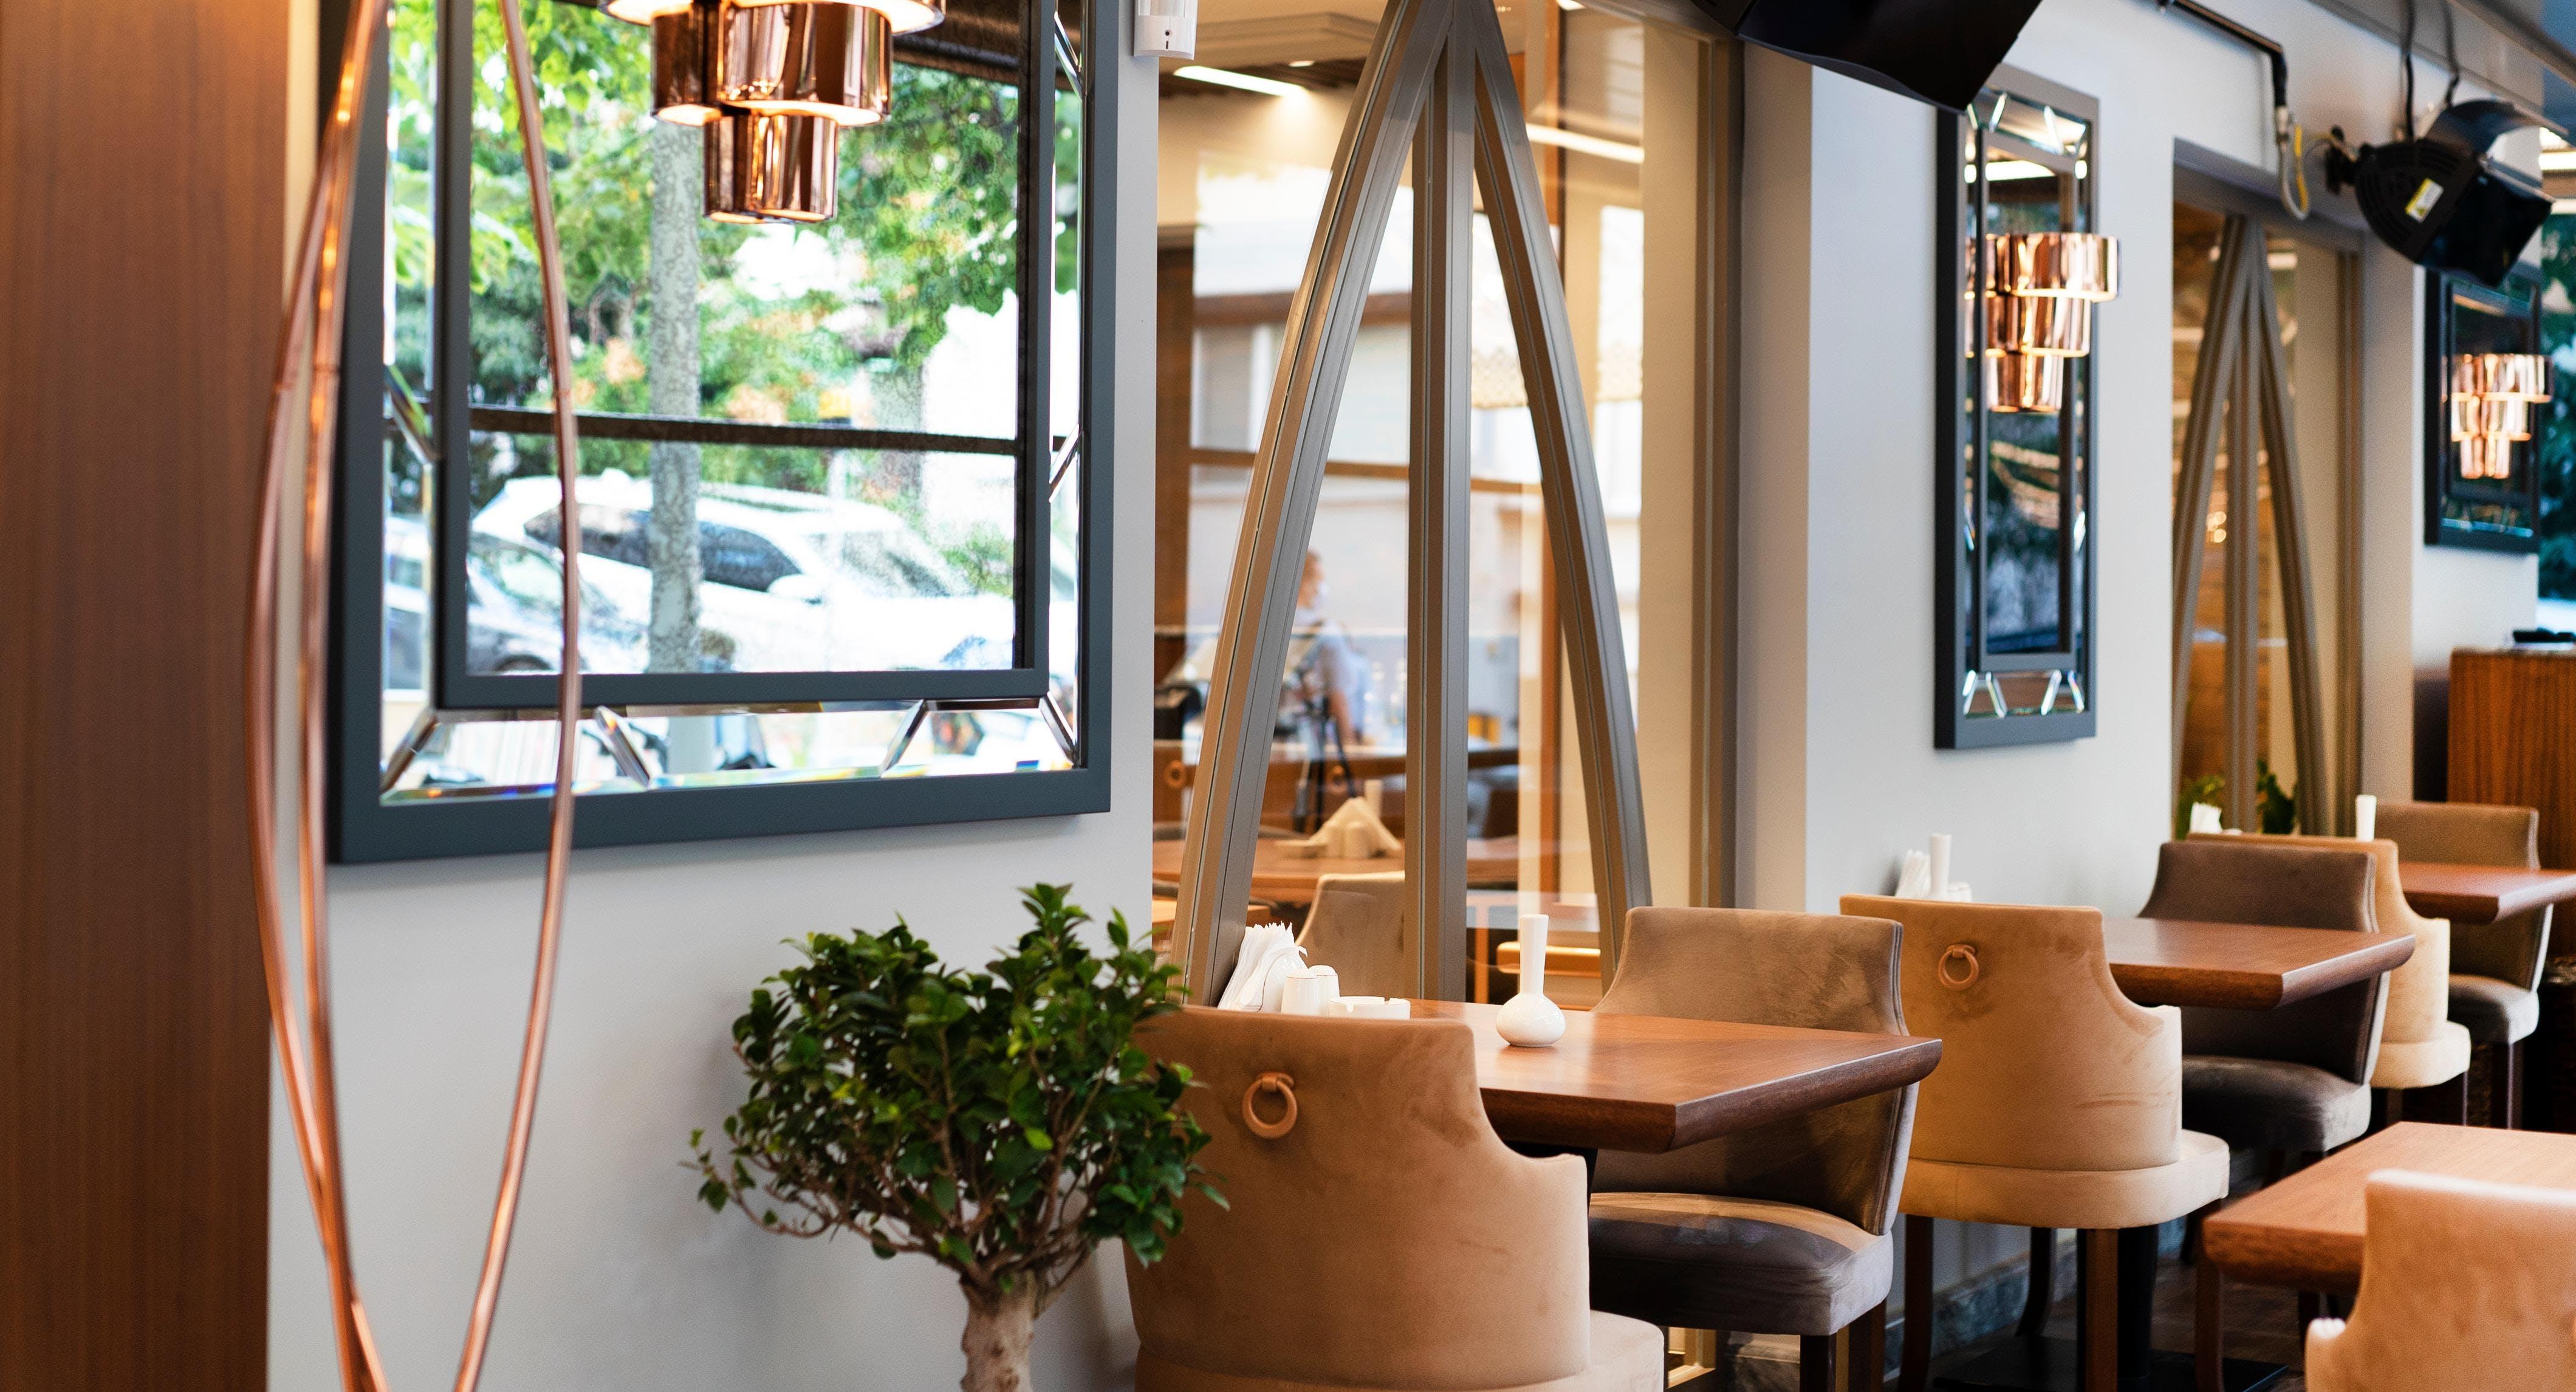 Photo of restaurant Al Hallab Nişantaşı in Nişantaşı, Istanbul